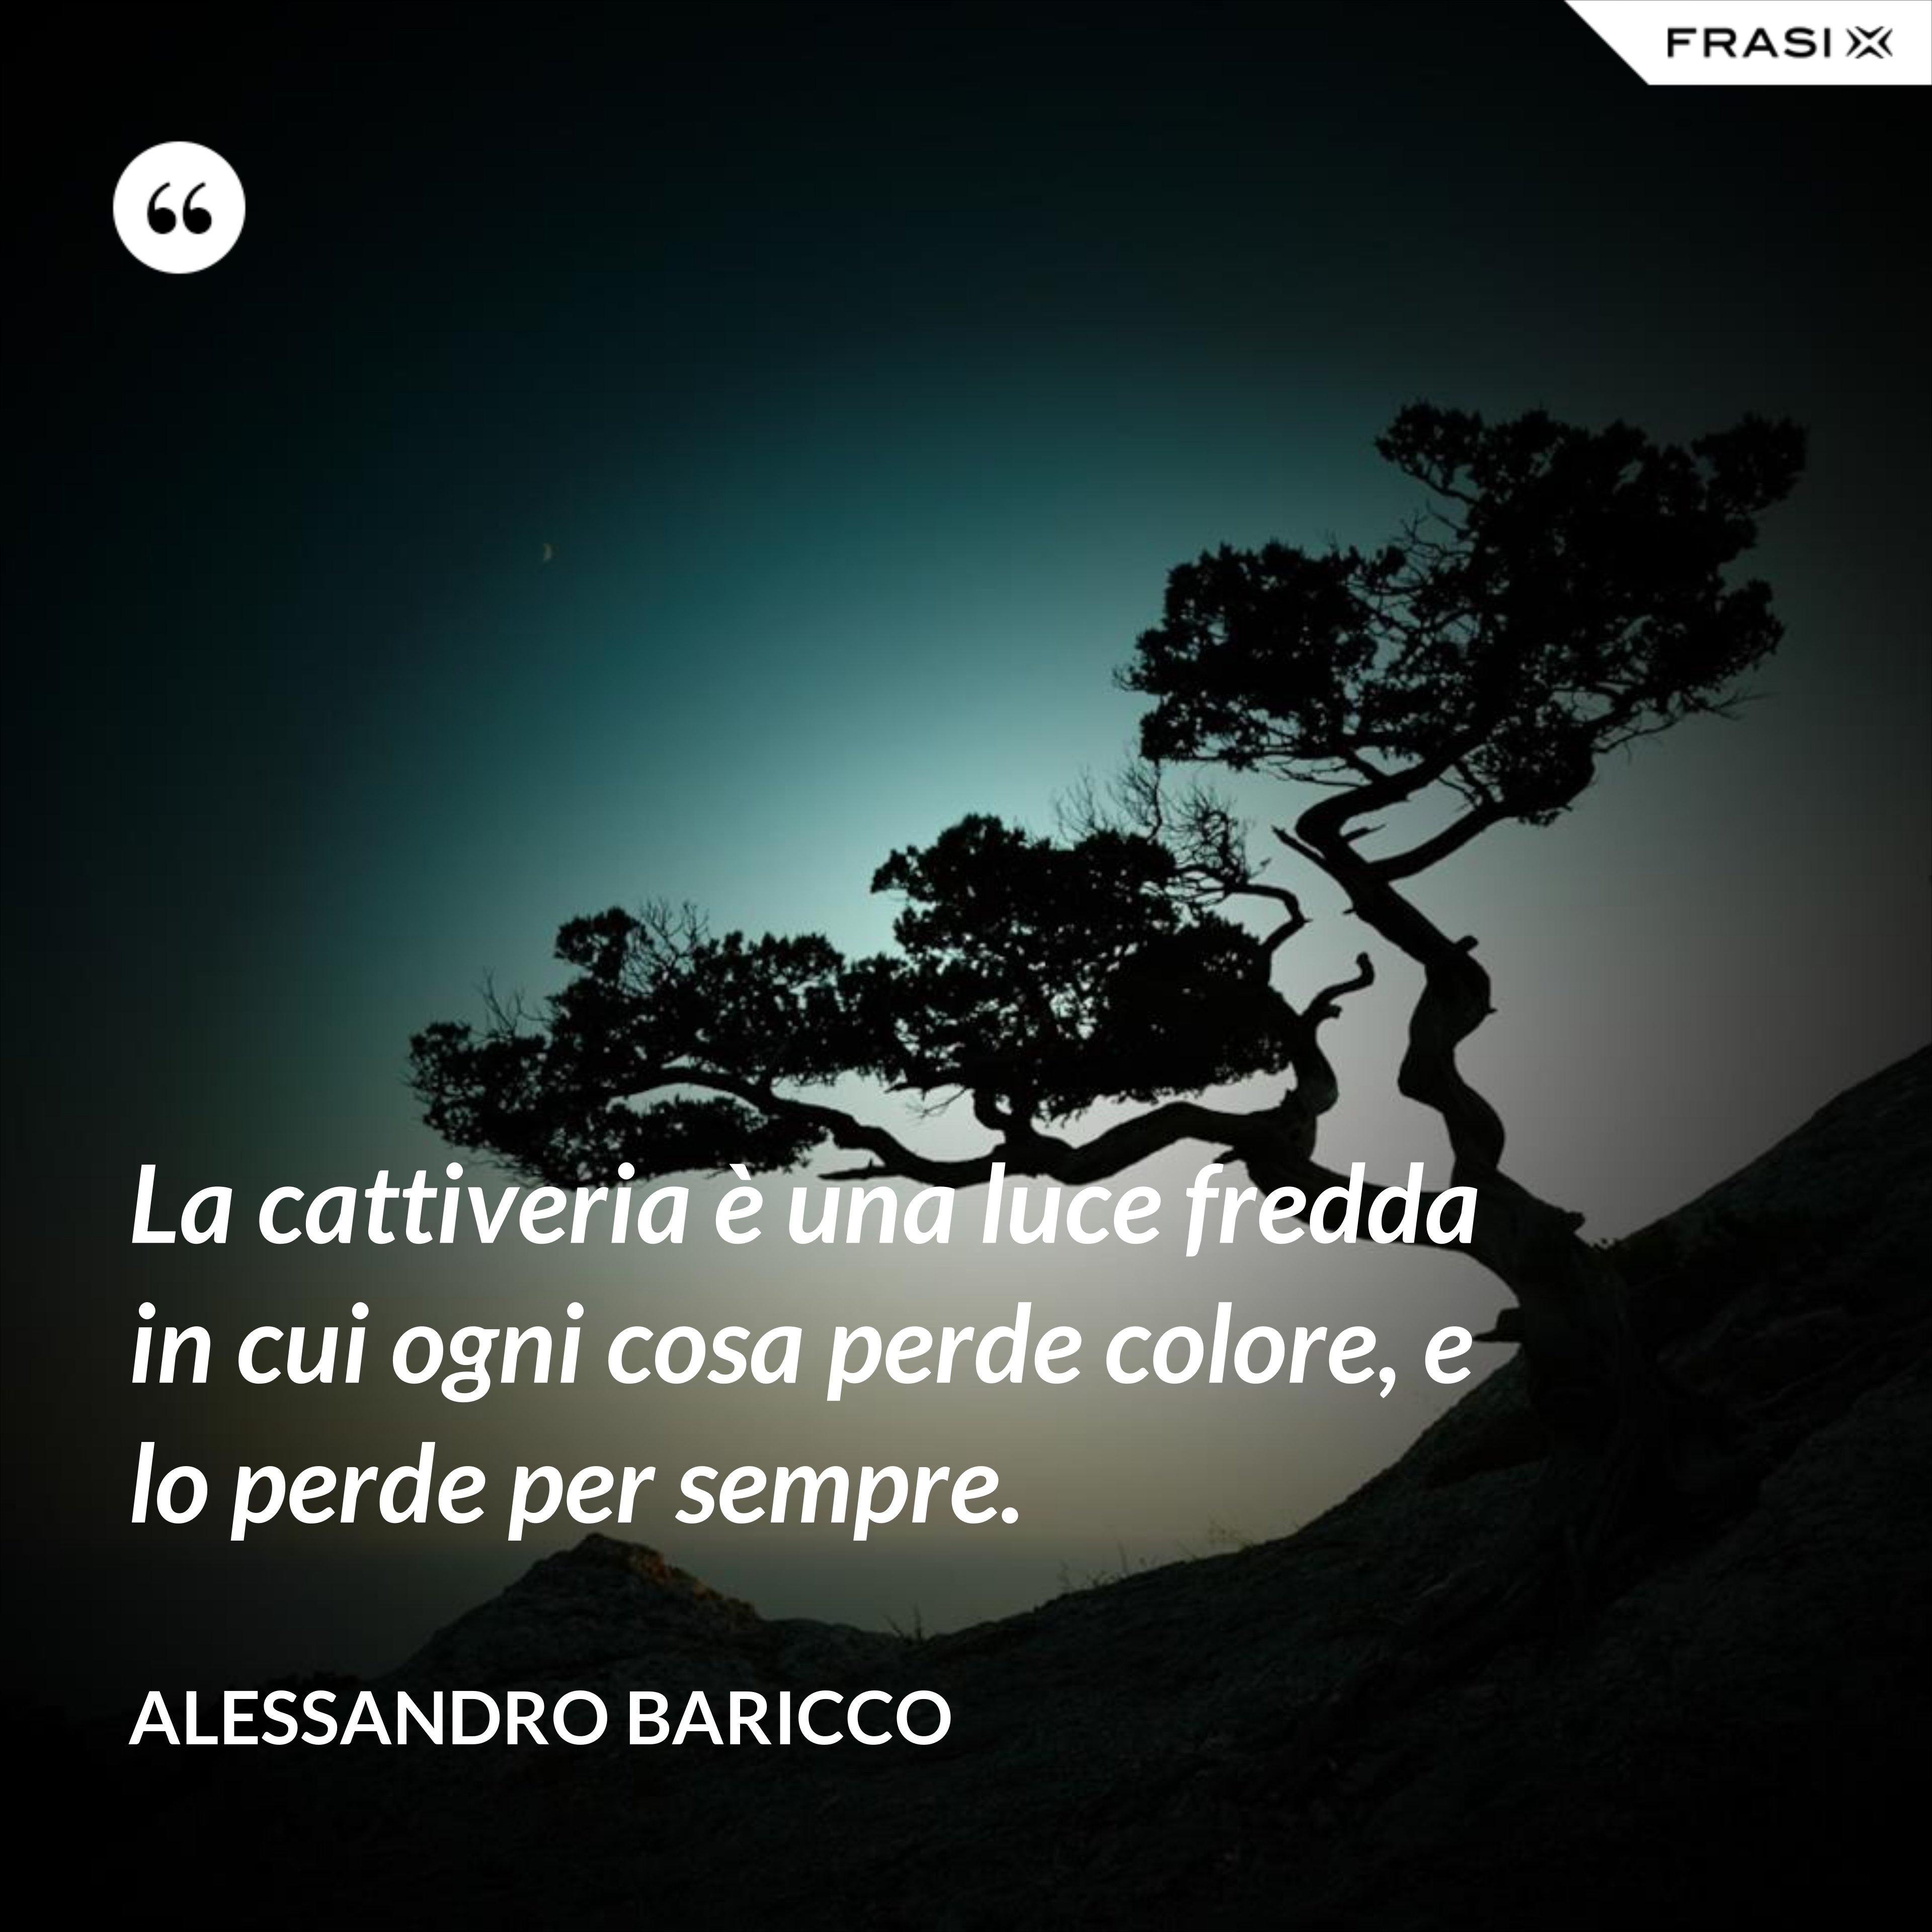 La cattiveria è una luce fredda in cui ogni cosa perde colore, e lo perde per sempre. - Alessandro Baricco